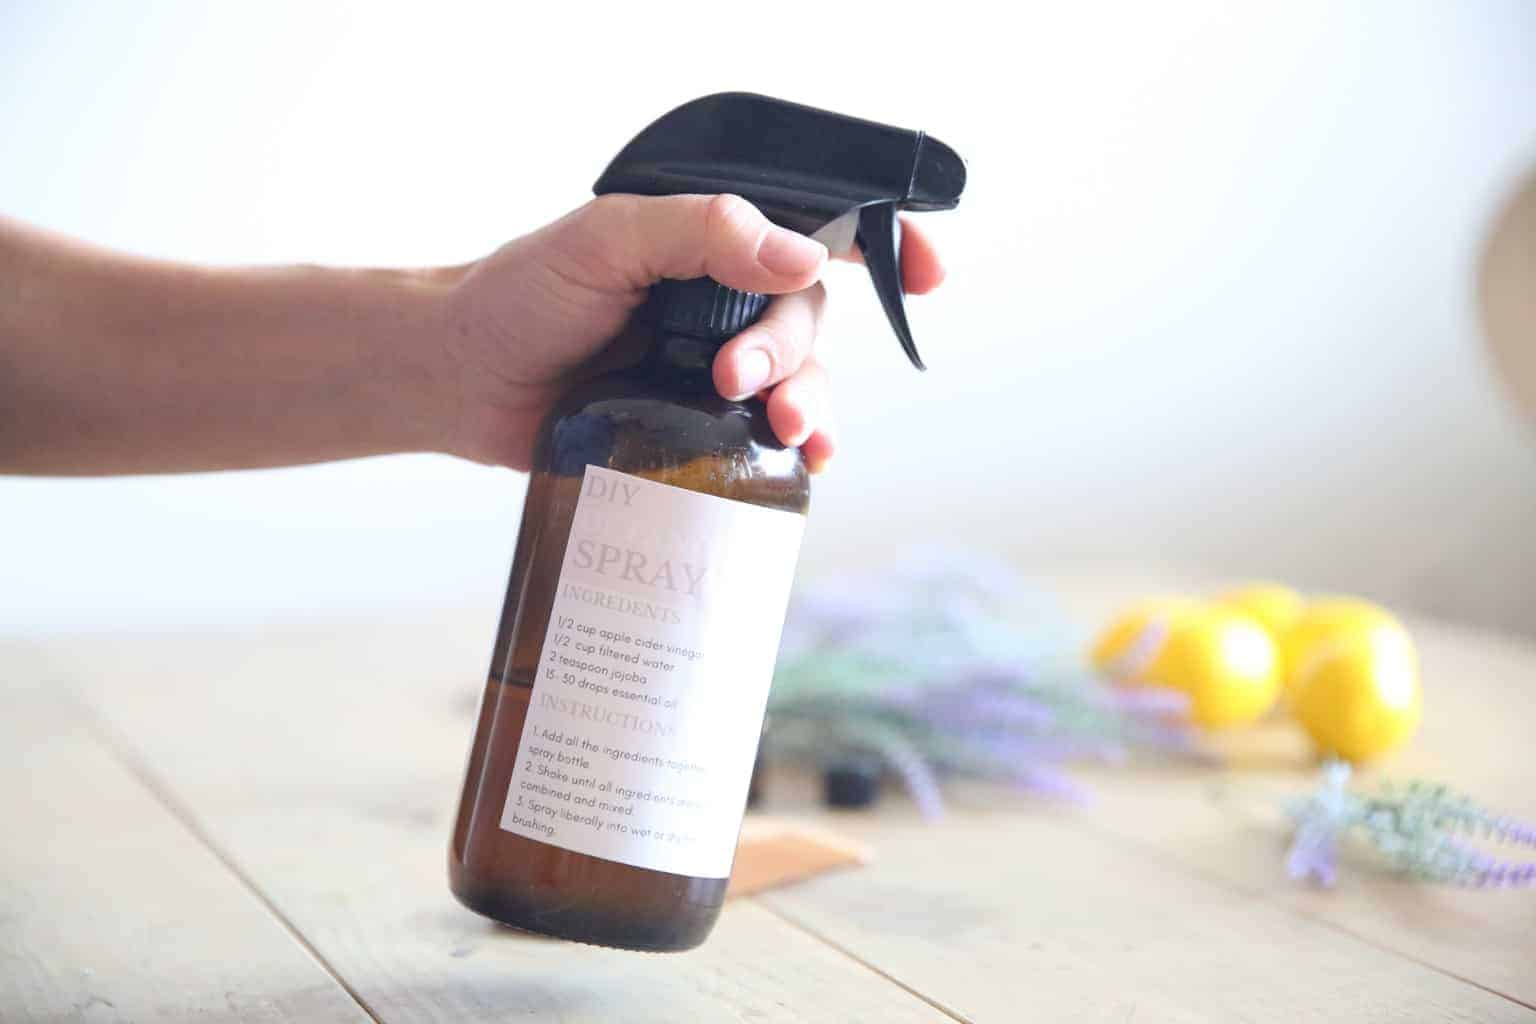 DIY Hair Detangler Spray in a glass bottle